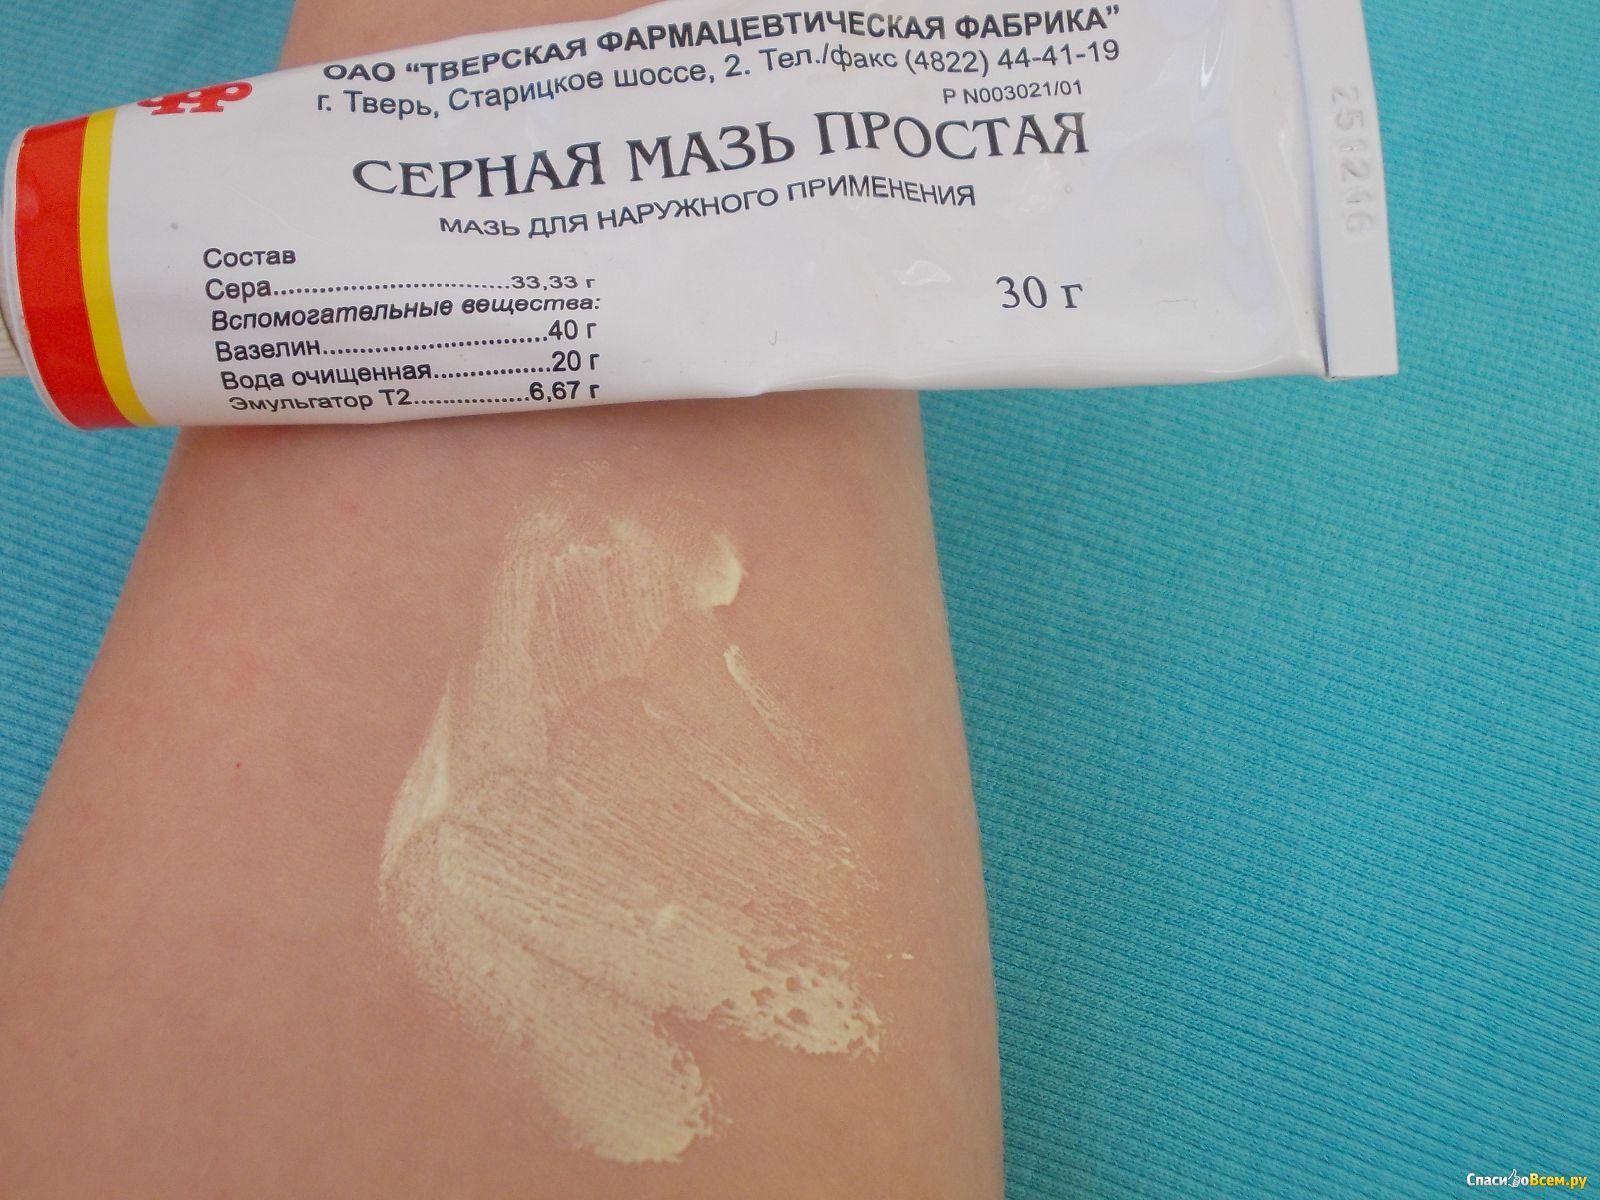 Особенности лечения демодекоза кожи медикаментозно и народными средствами